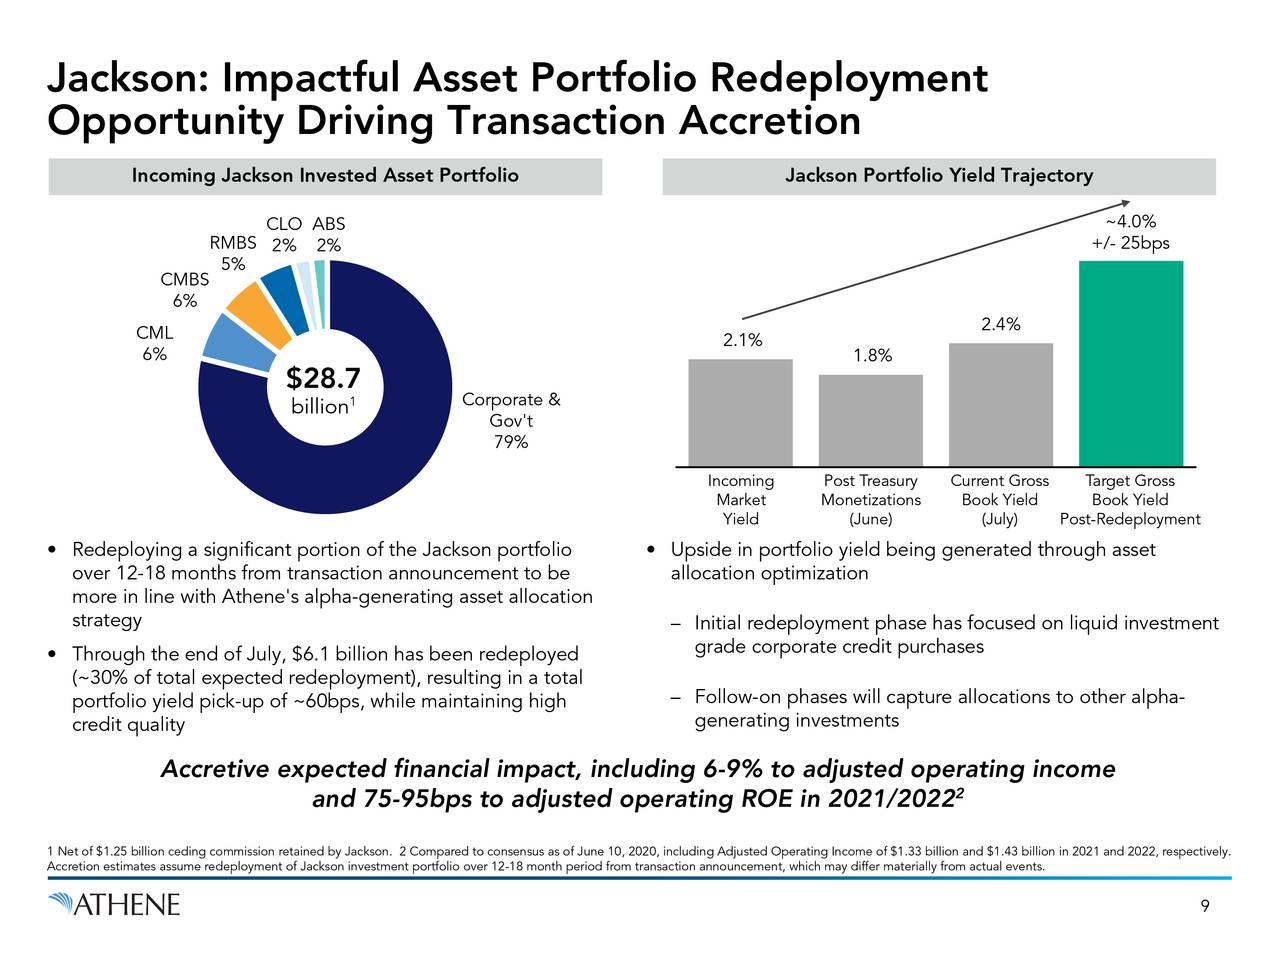 Jackson: Redistribución impactante de la cartera de activos